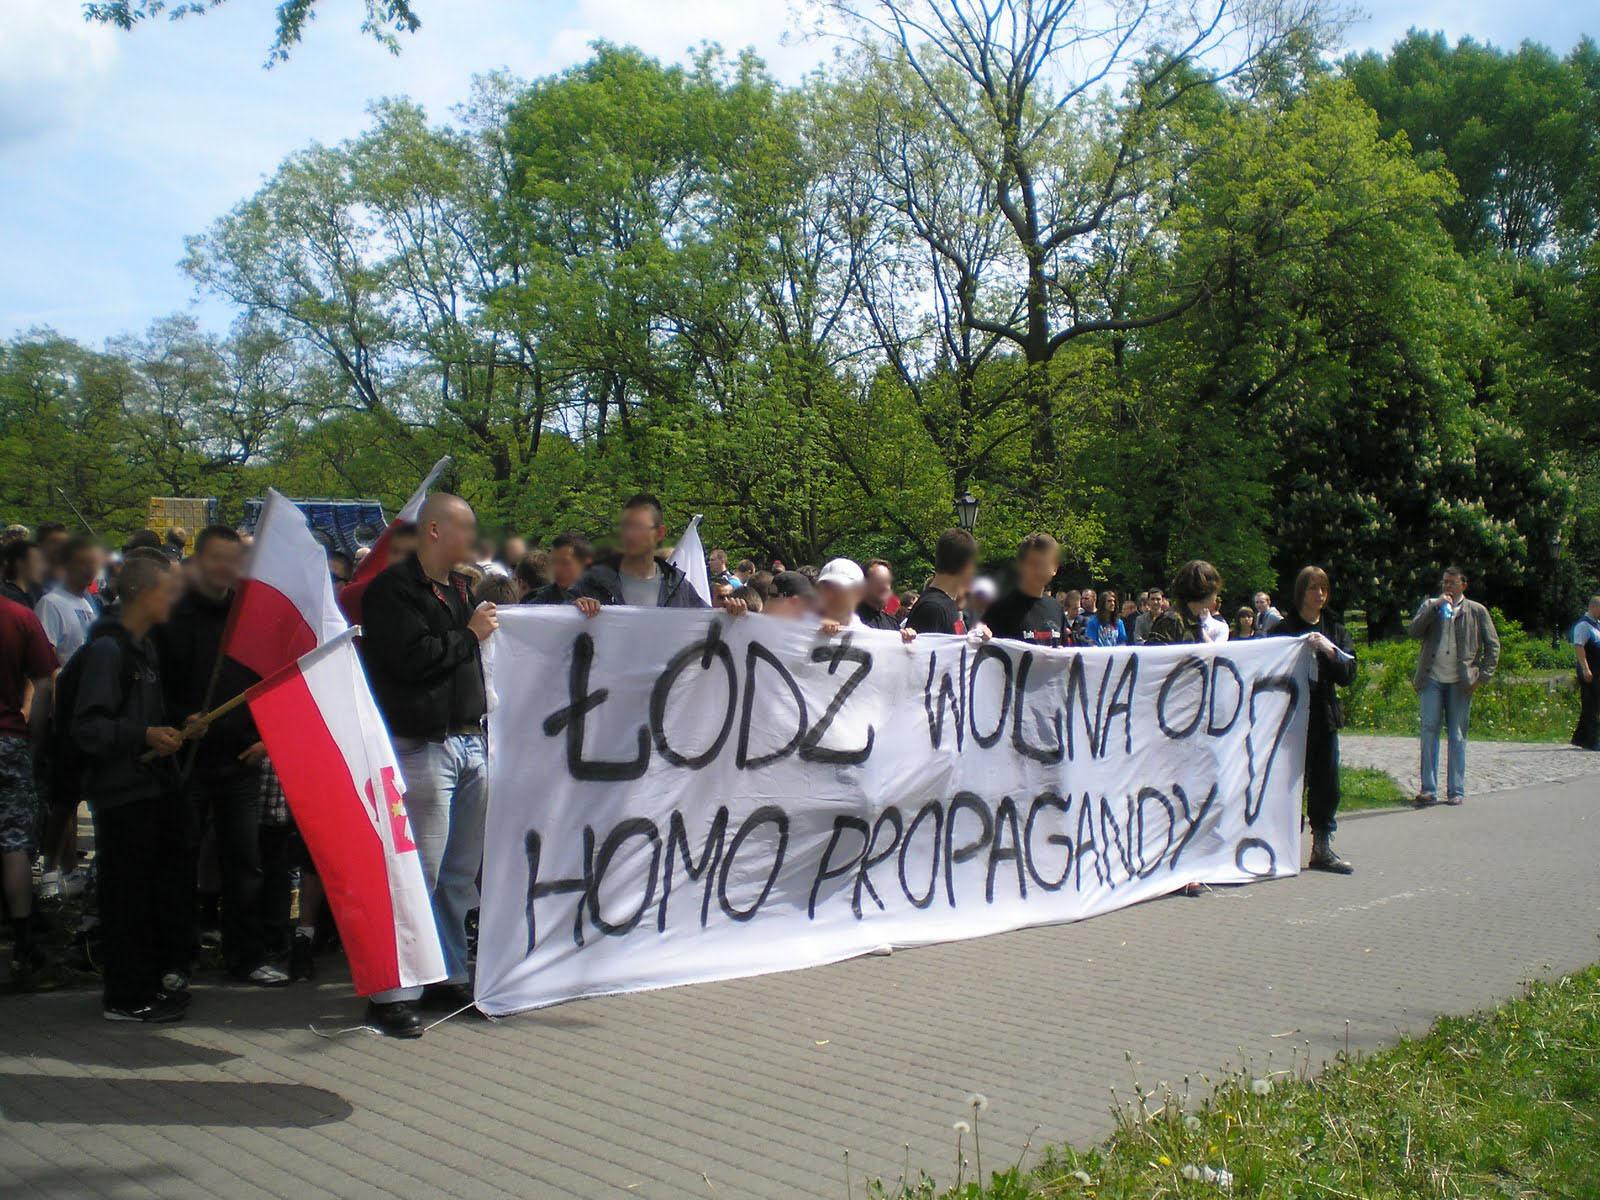 ŁÓDŹ WOLNA OD HOMOSEKSUALNEJ PROPAGANDY!